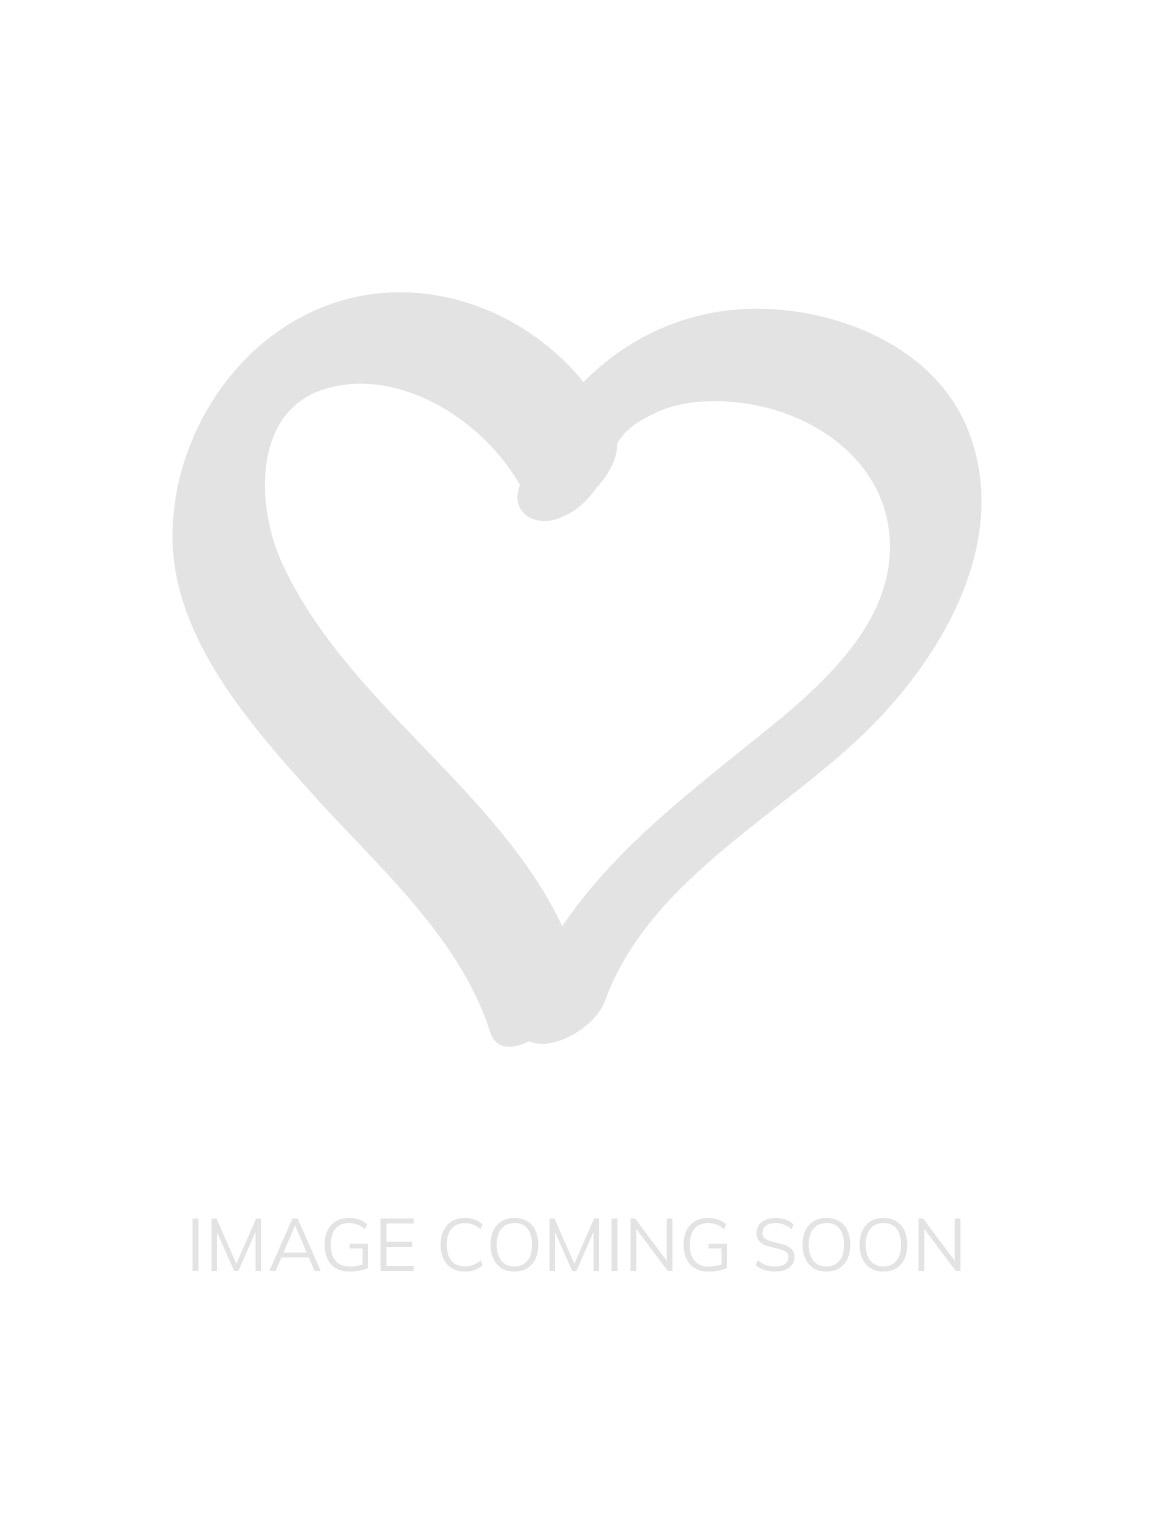 a486cb2fcd Freya Soiree Lace High Apex Bra - White